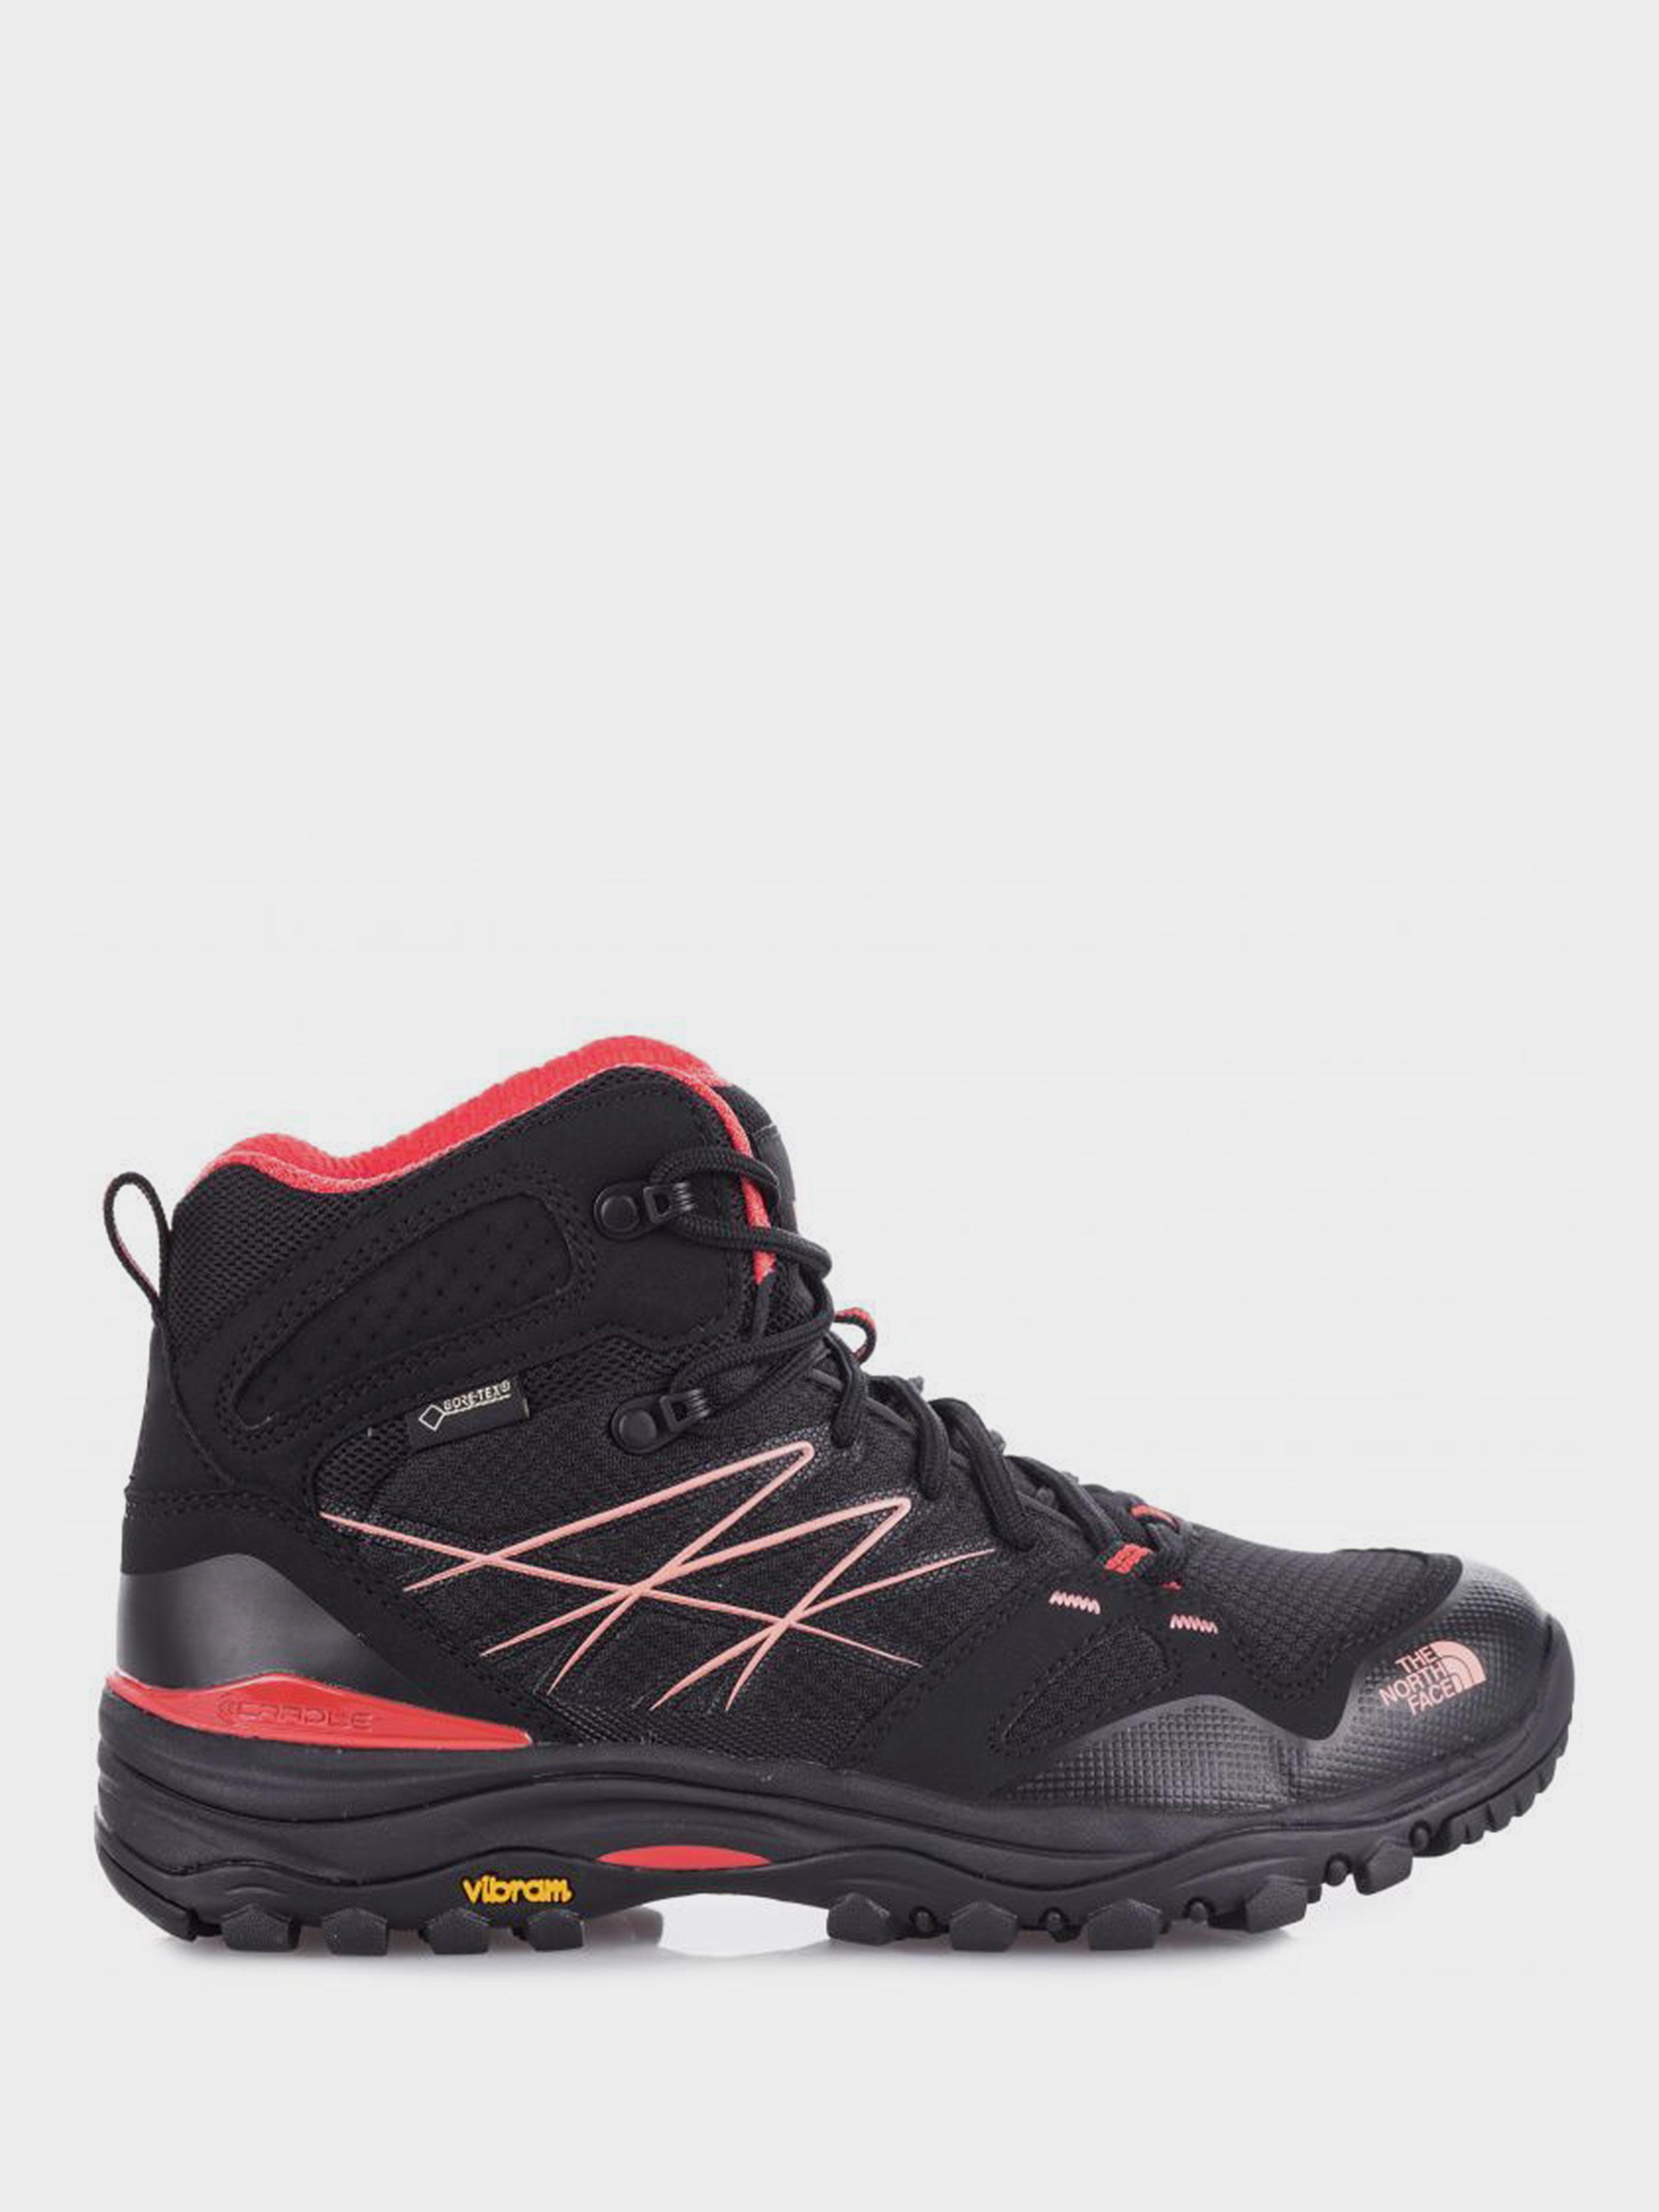 Ботинки женские The North Face модель NO9721 - купить по лучшей цене ... 7364d125a31